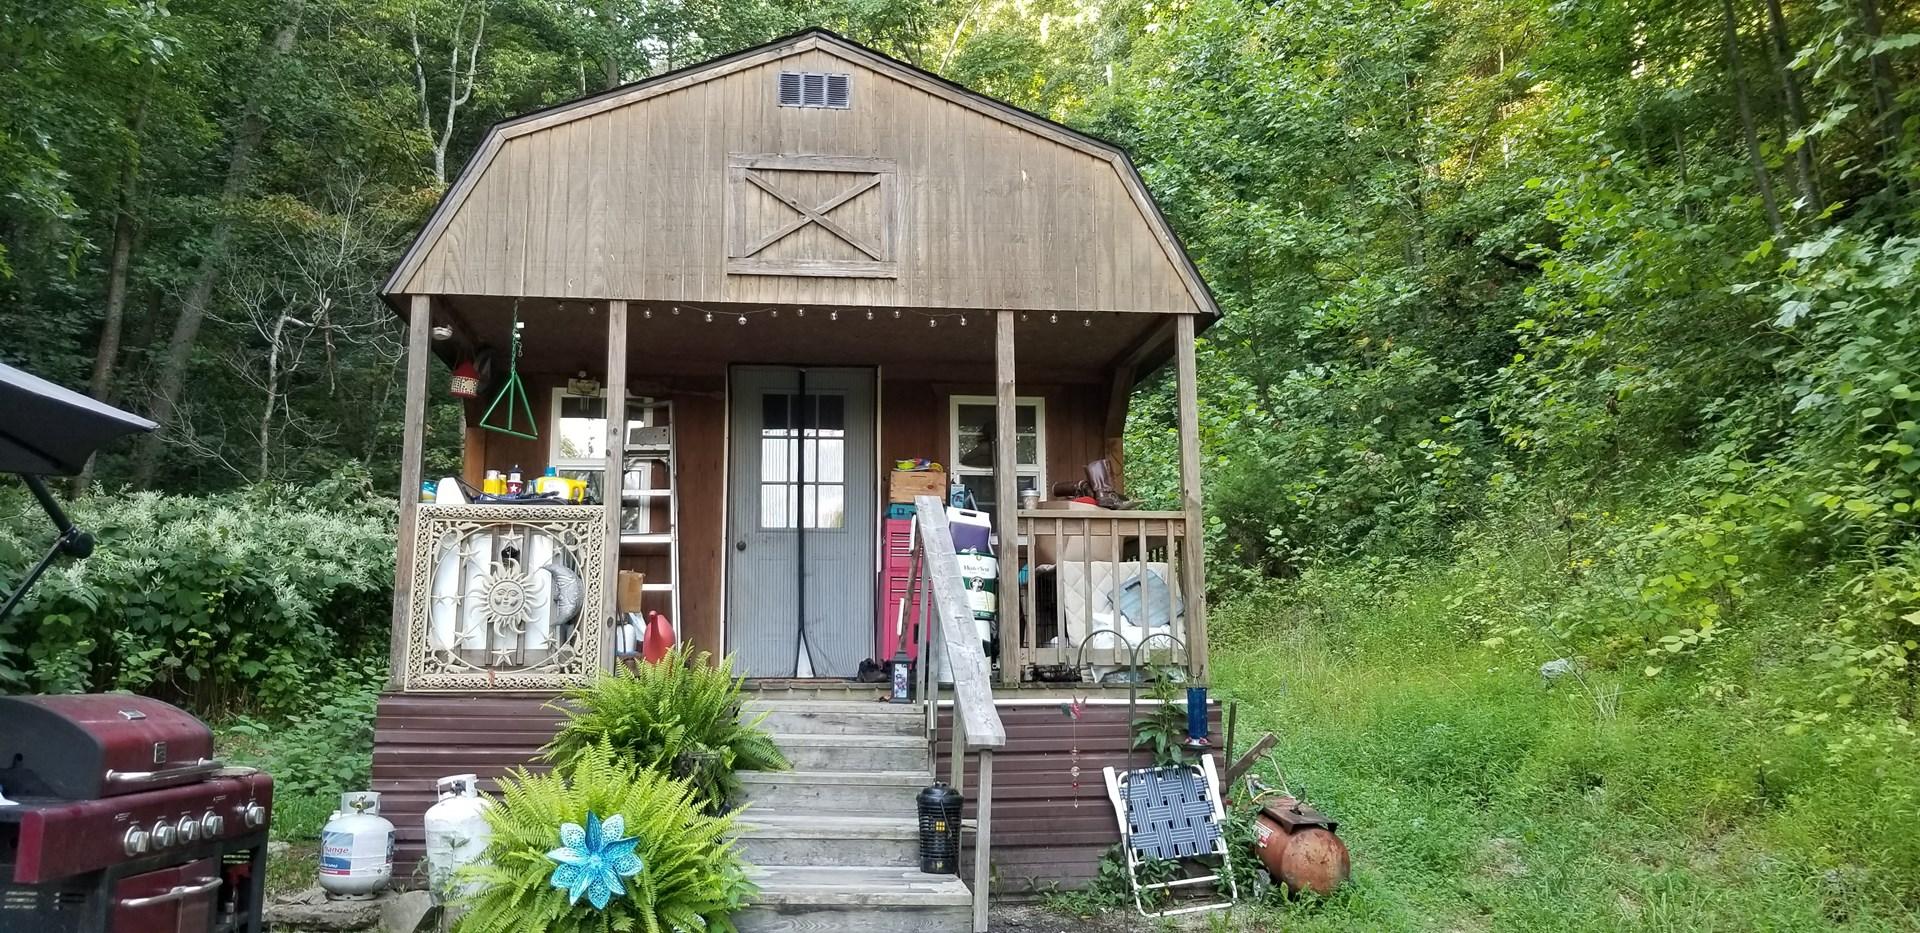 4 +/- acre weekend getaway hunting cabin